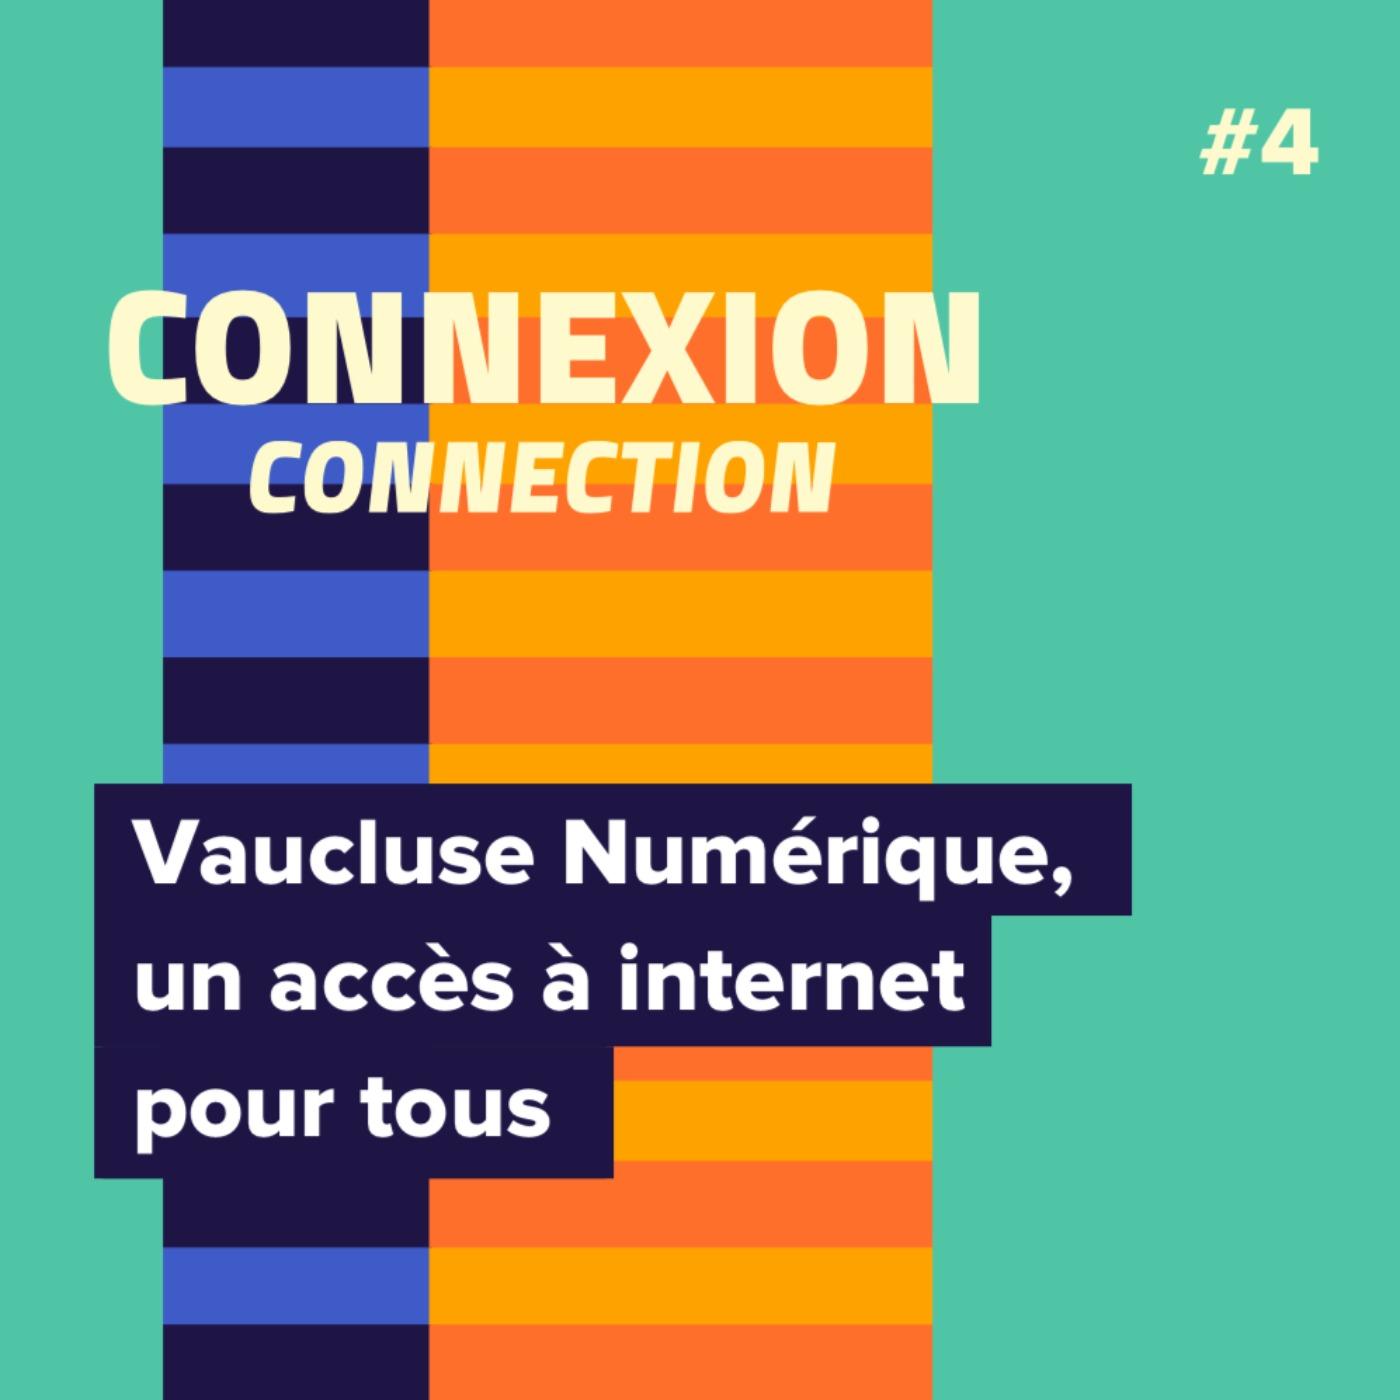 Vaucluse Numérique, un accès à internet pour tous